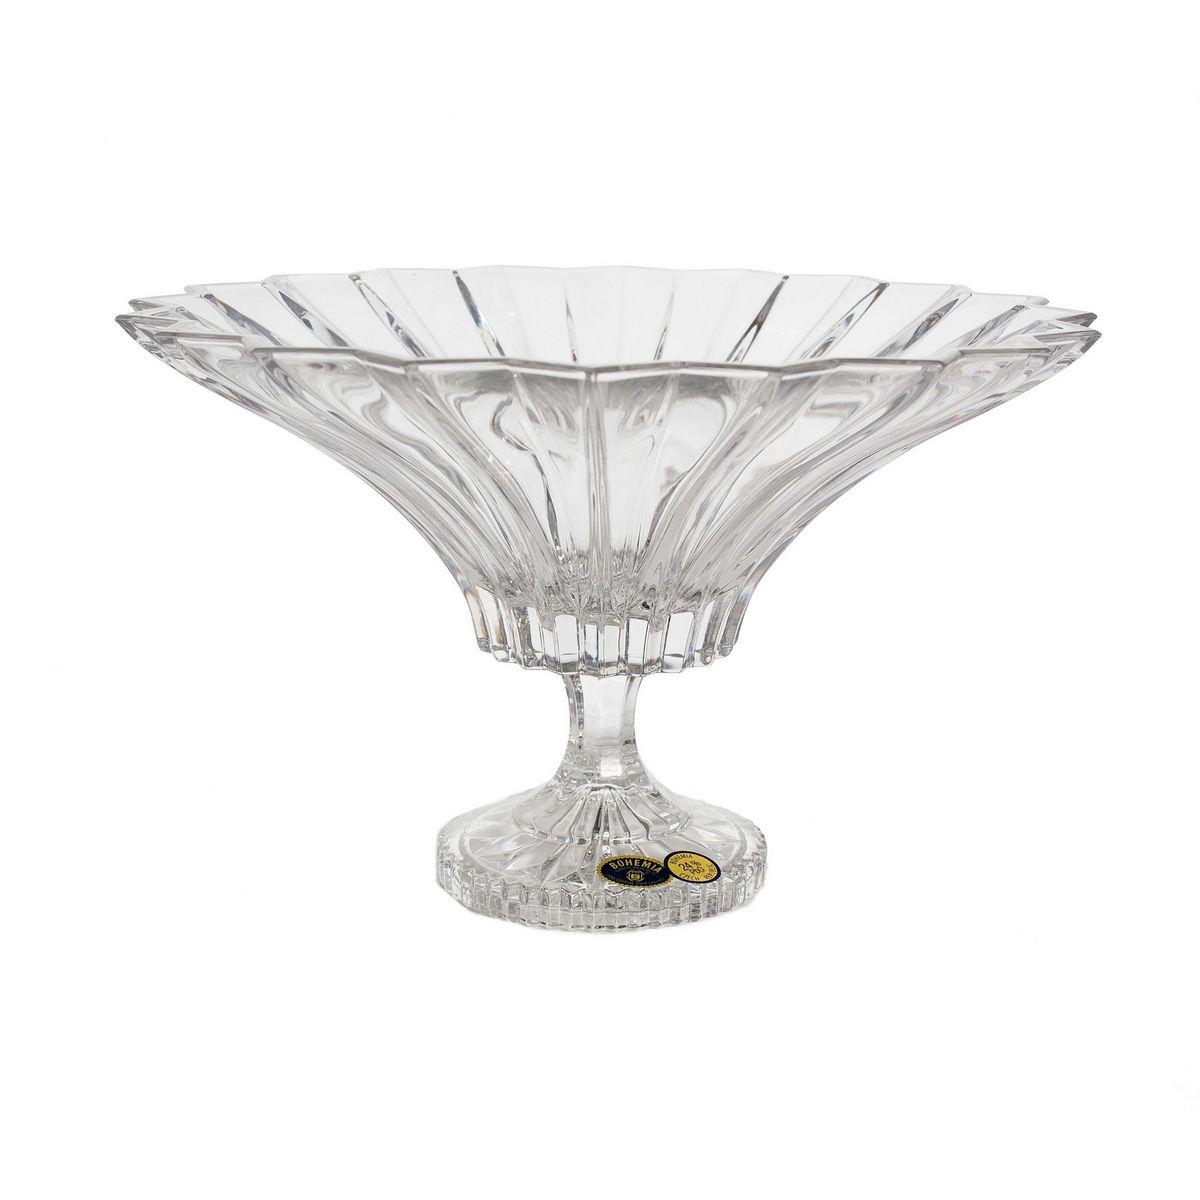 Bol Cristal Bohemia Cu Picior De 24.5 Cm 2021 aranjareamesei.ro